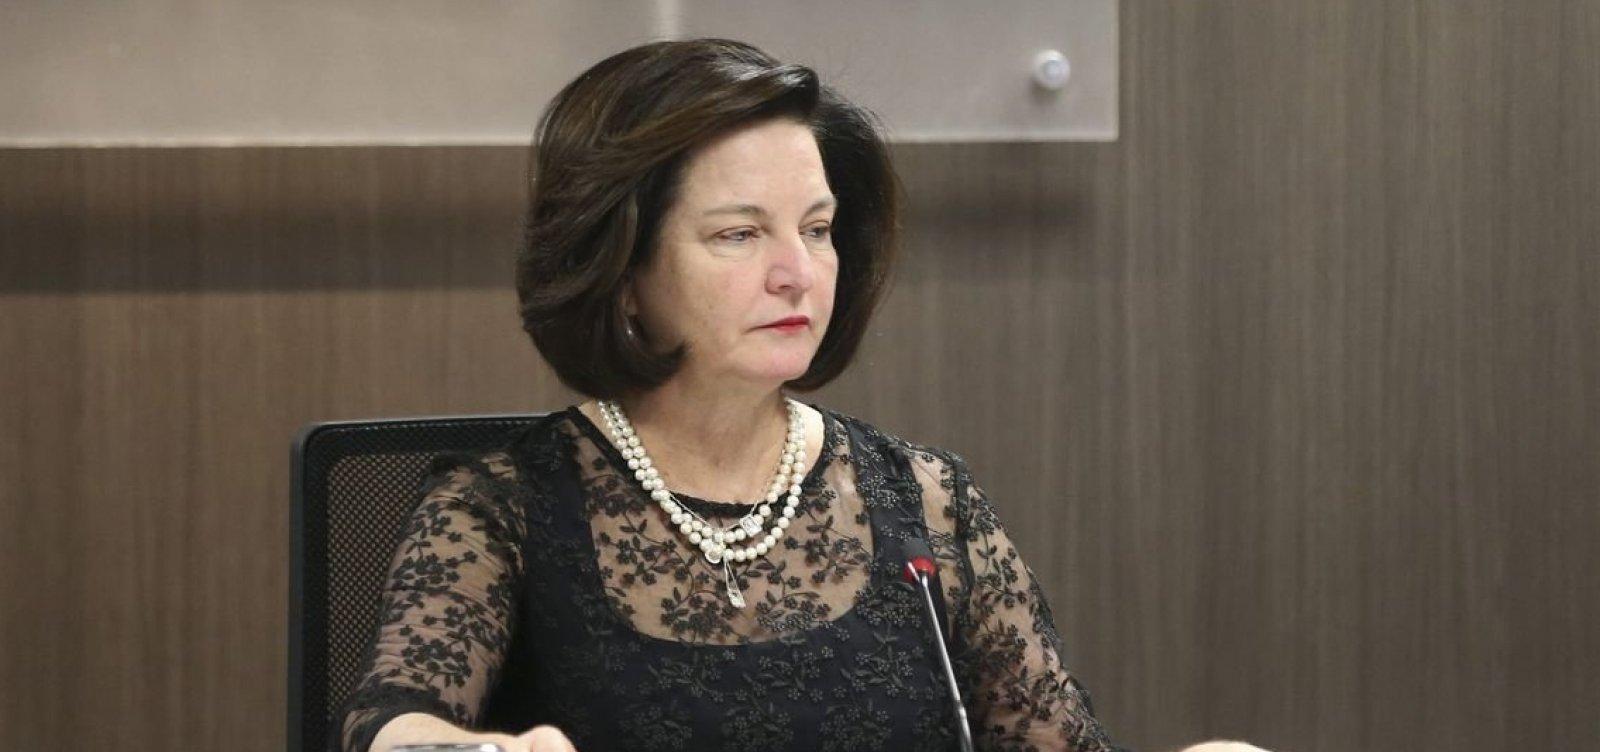 [ Dodge diz que Justiça deve 'priorizar' ações contra quem ameaça imprensa]